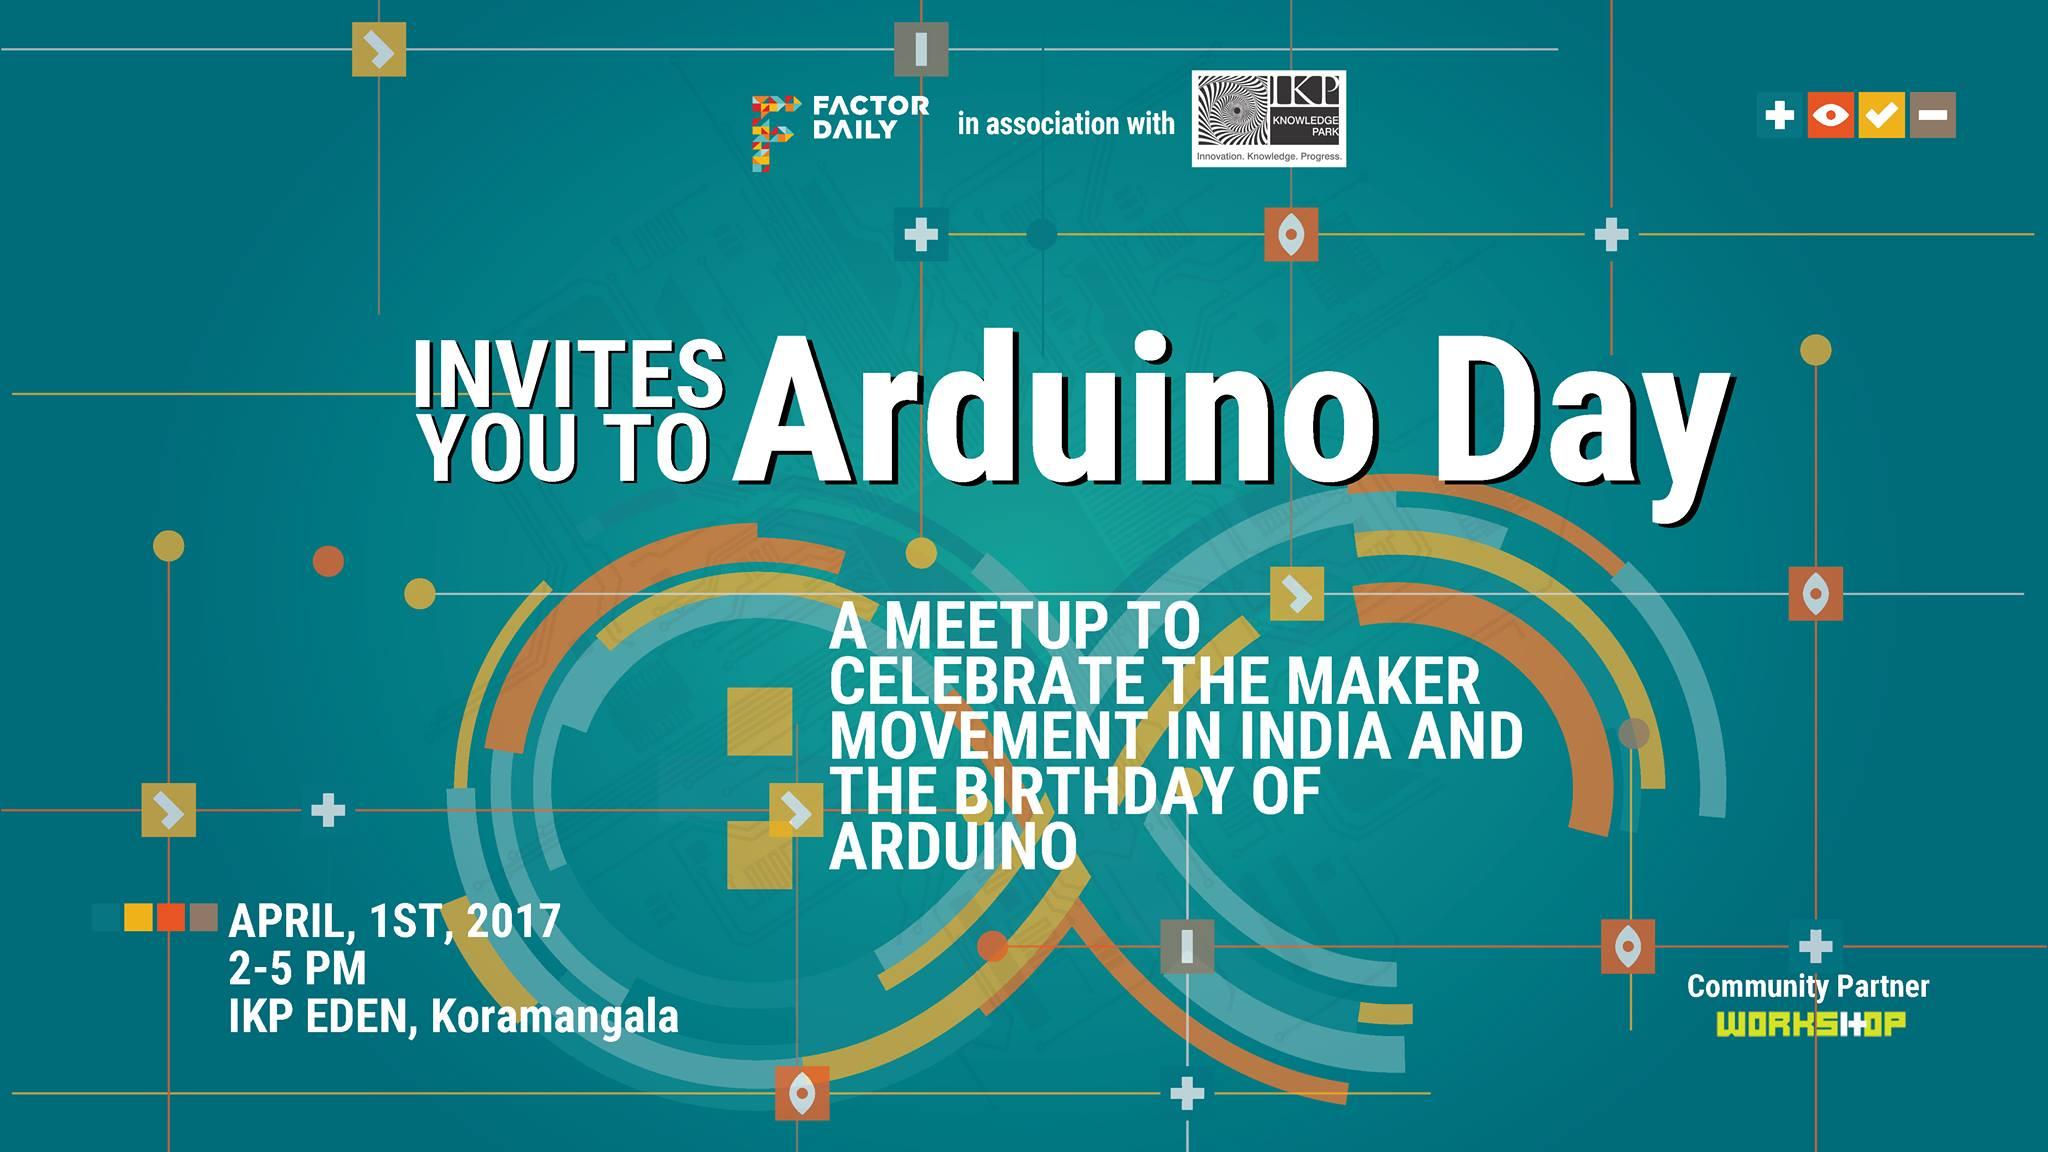 Ardiuno day 2017